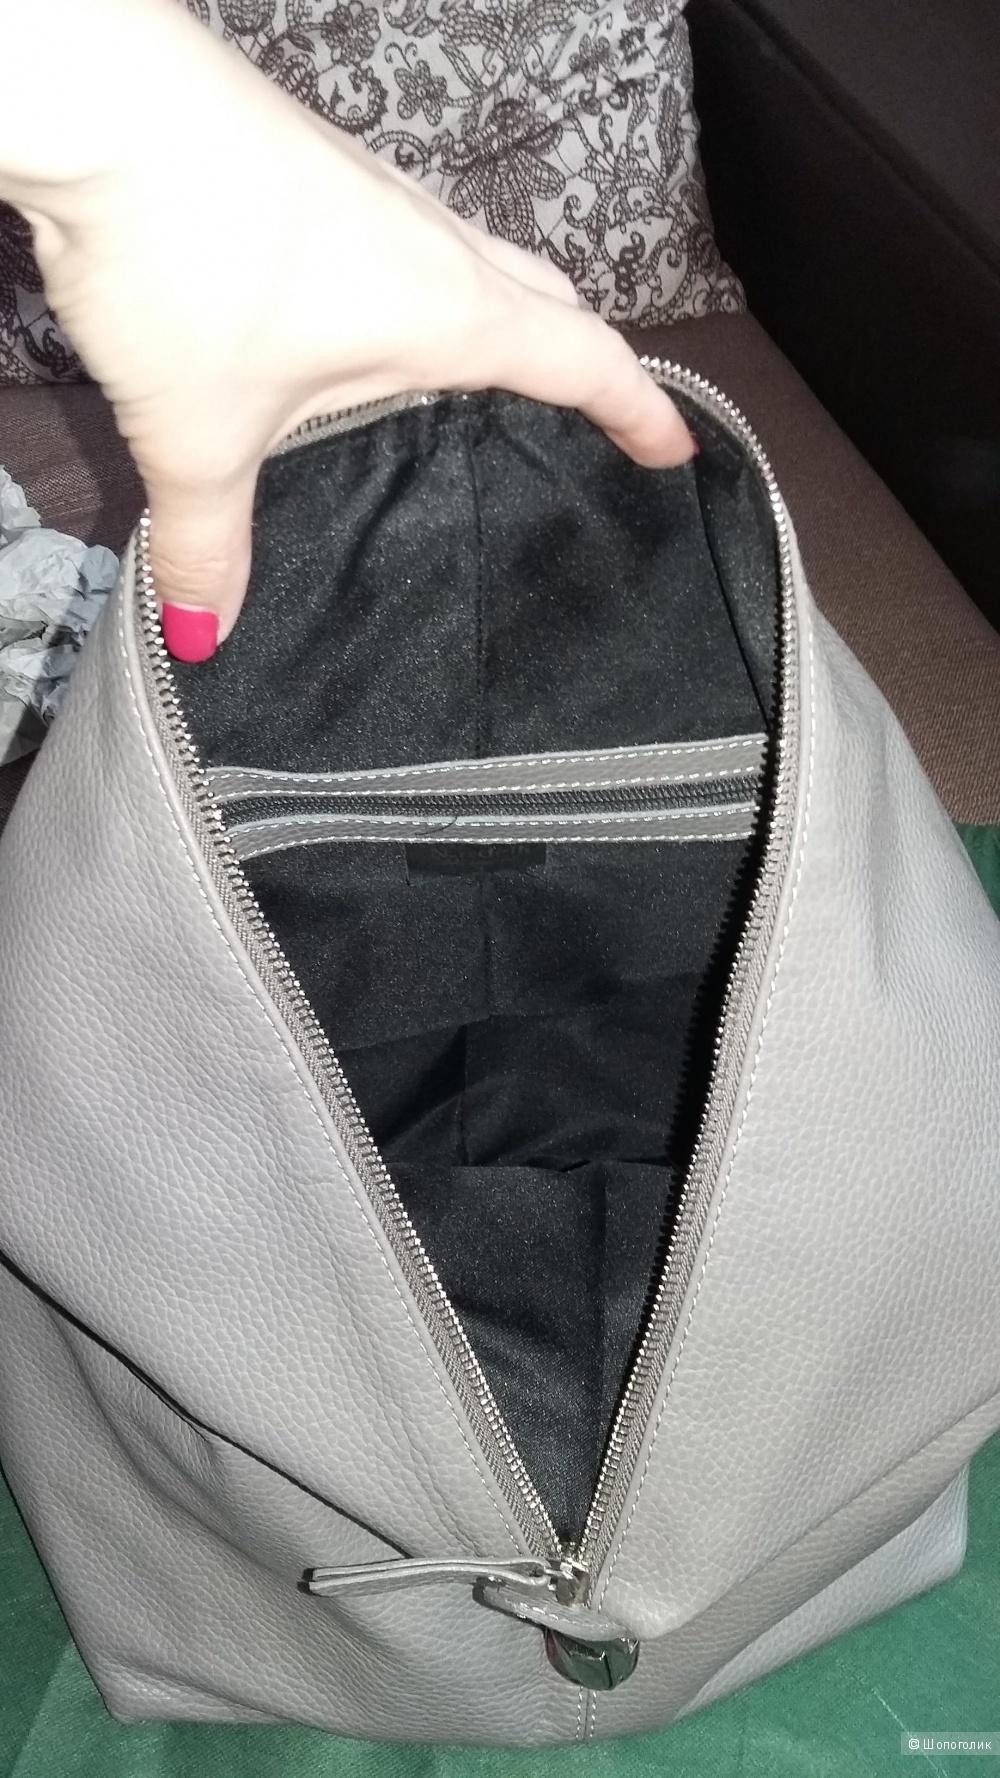 Рюкзак из натуральной кожи, NARDELLI.